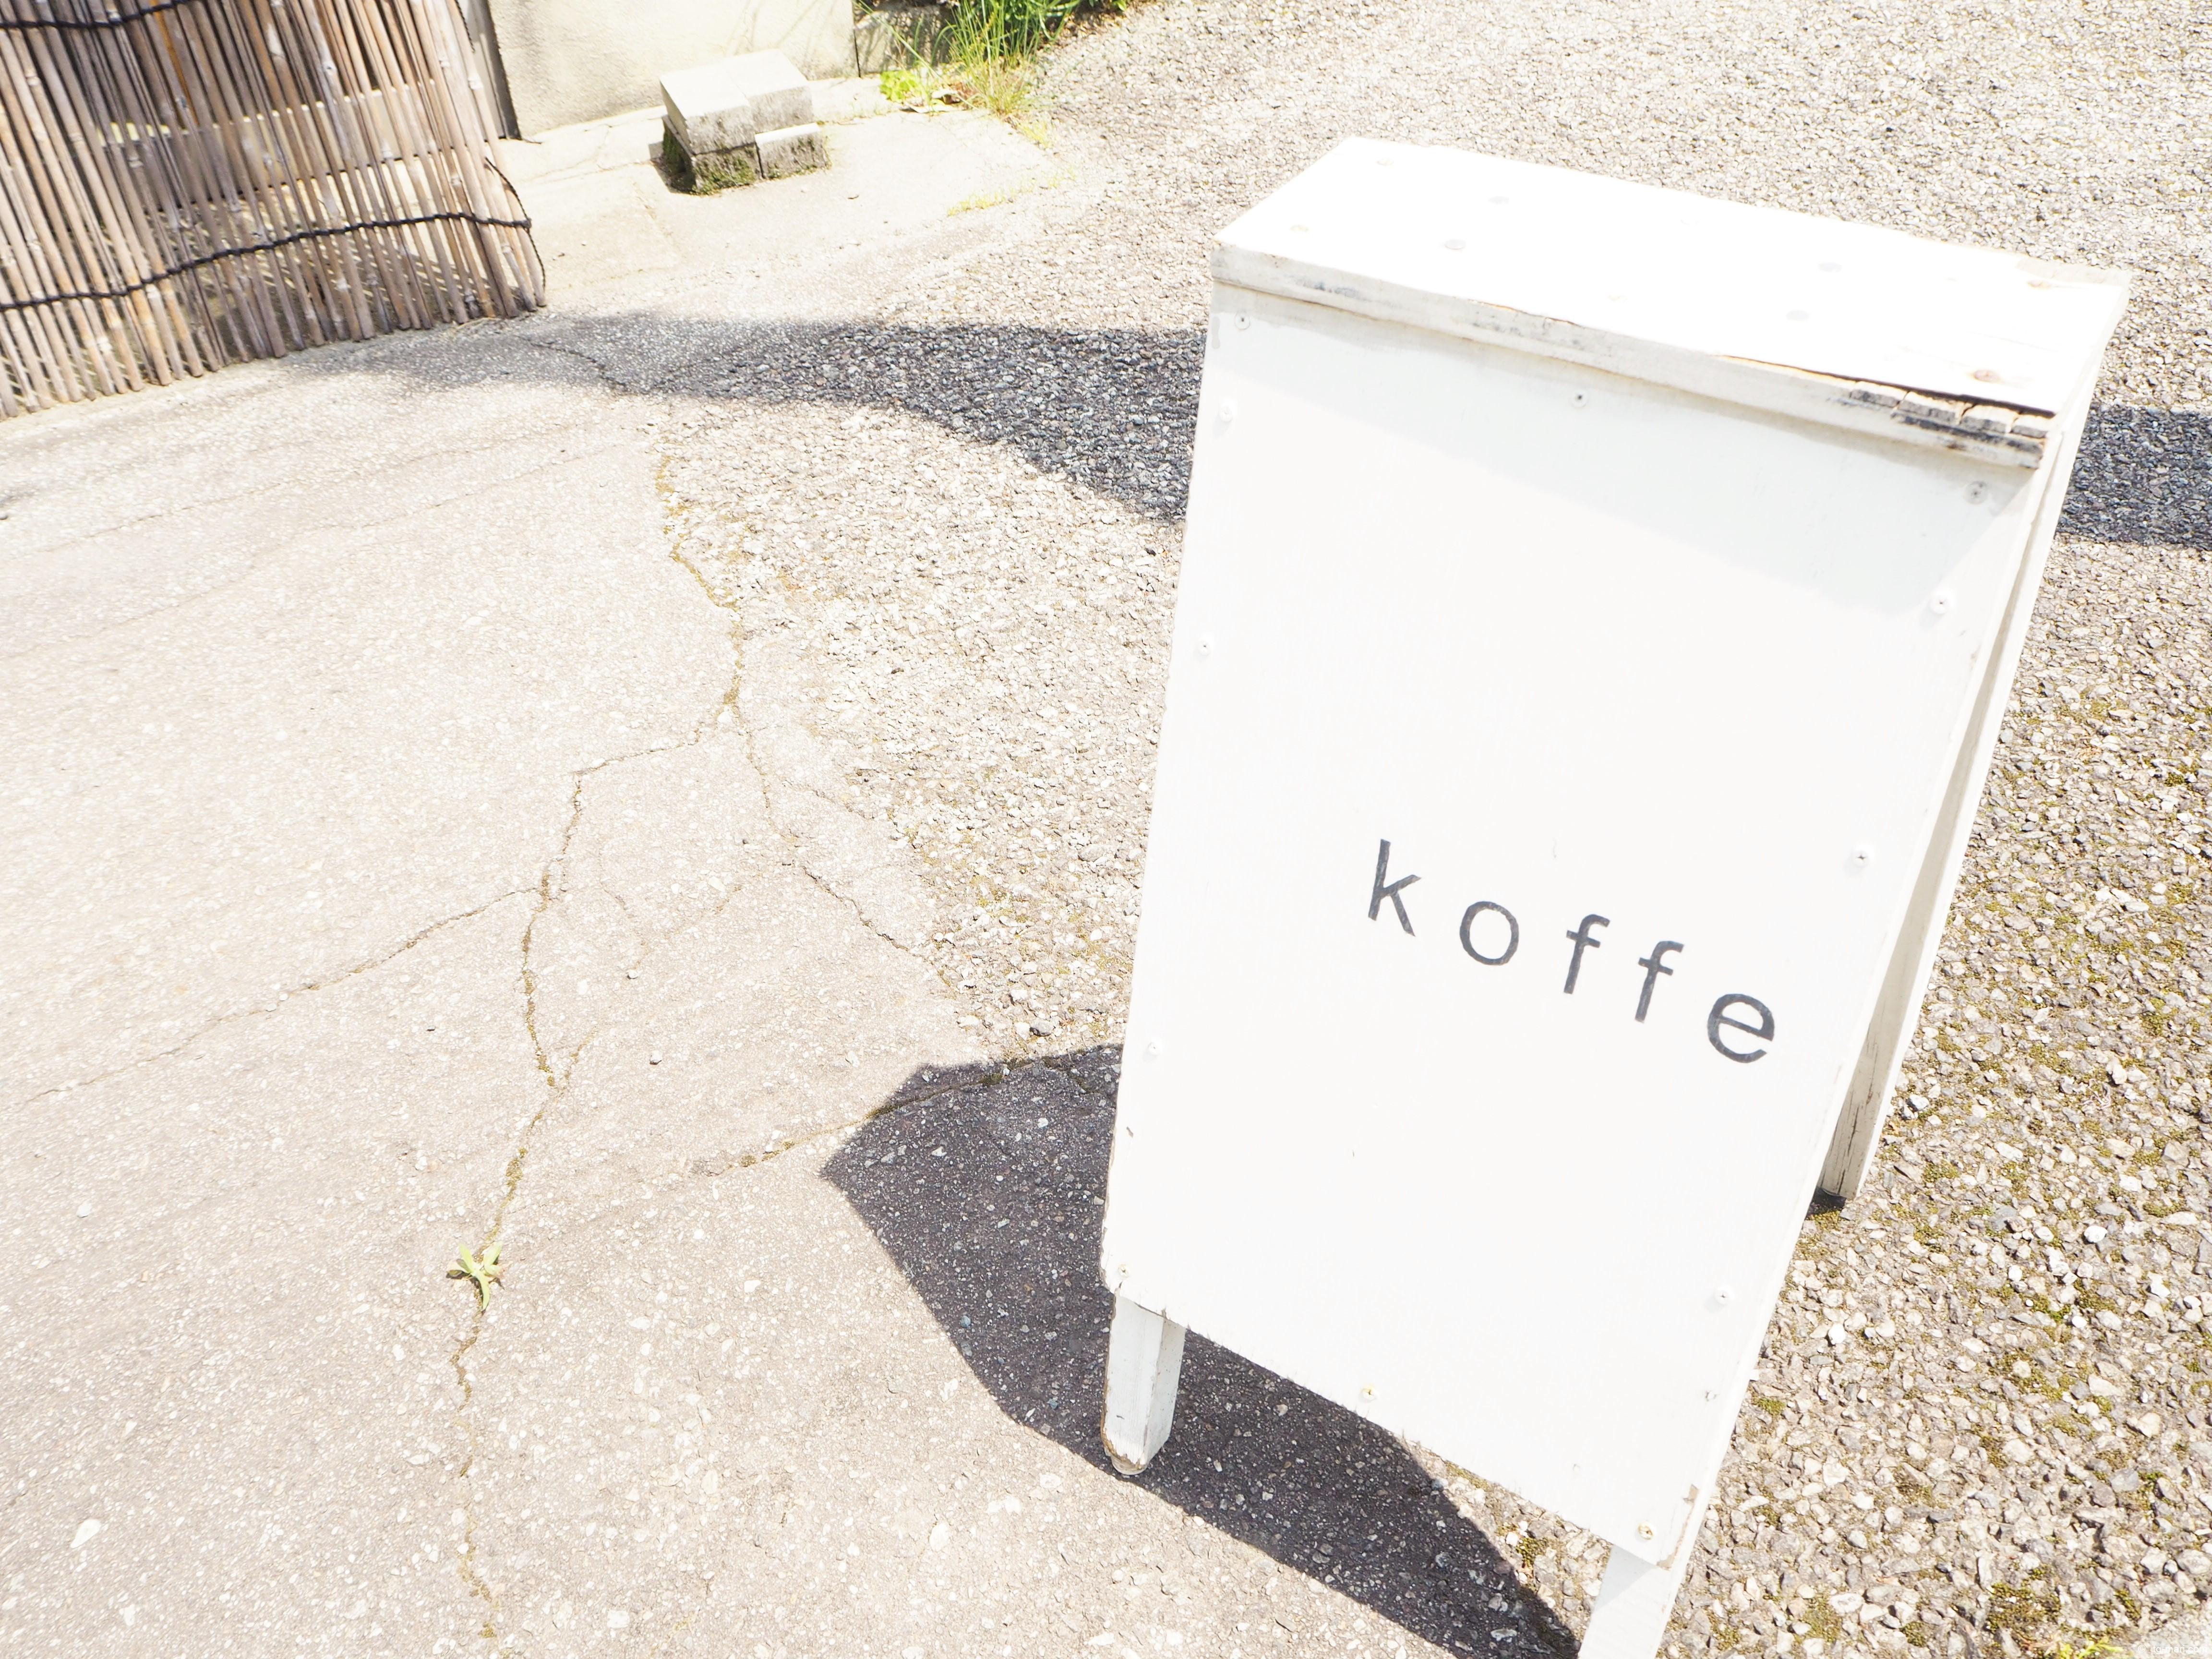 富山のおしゃれな隠れ家カフェkoffe